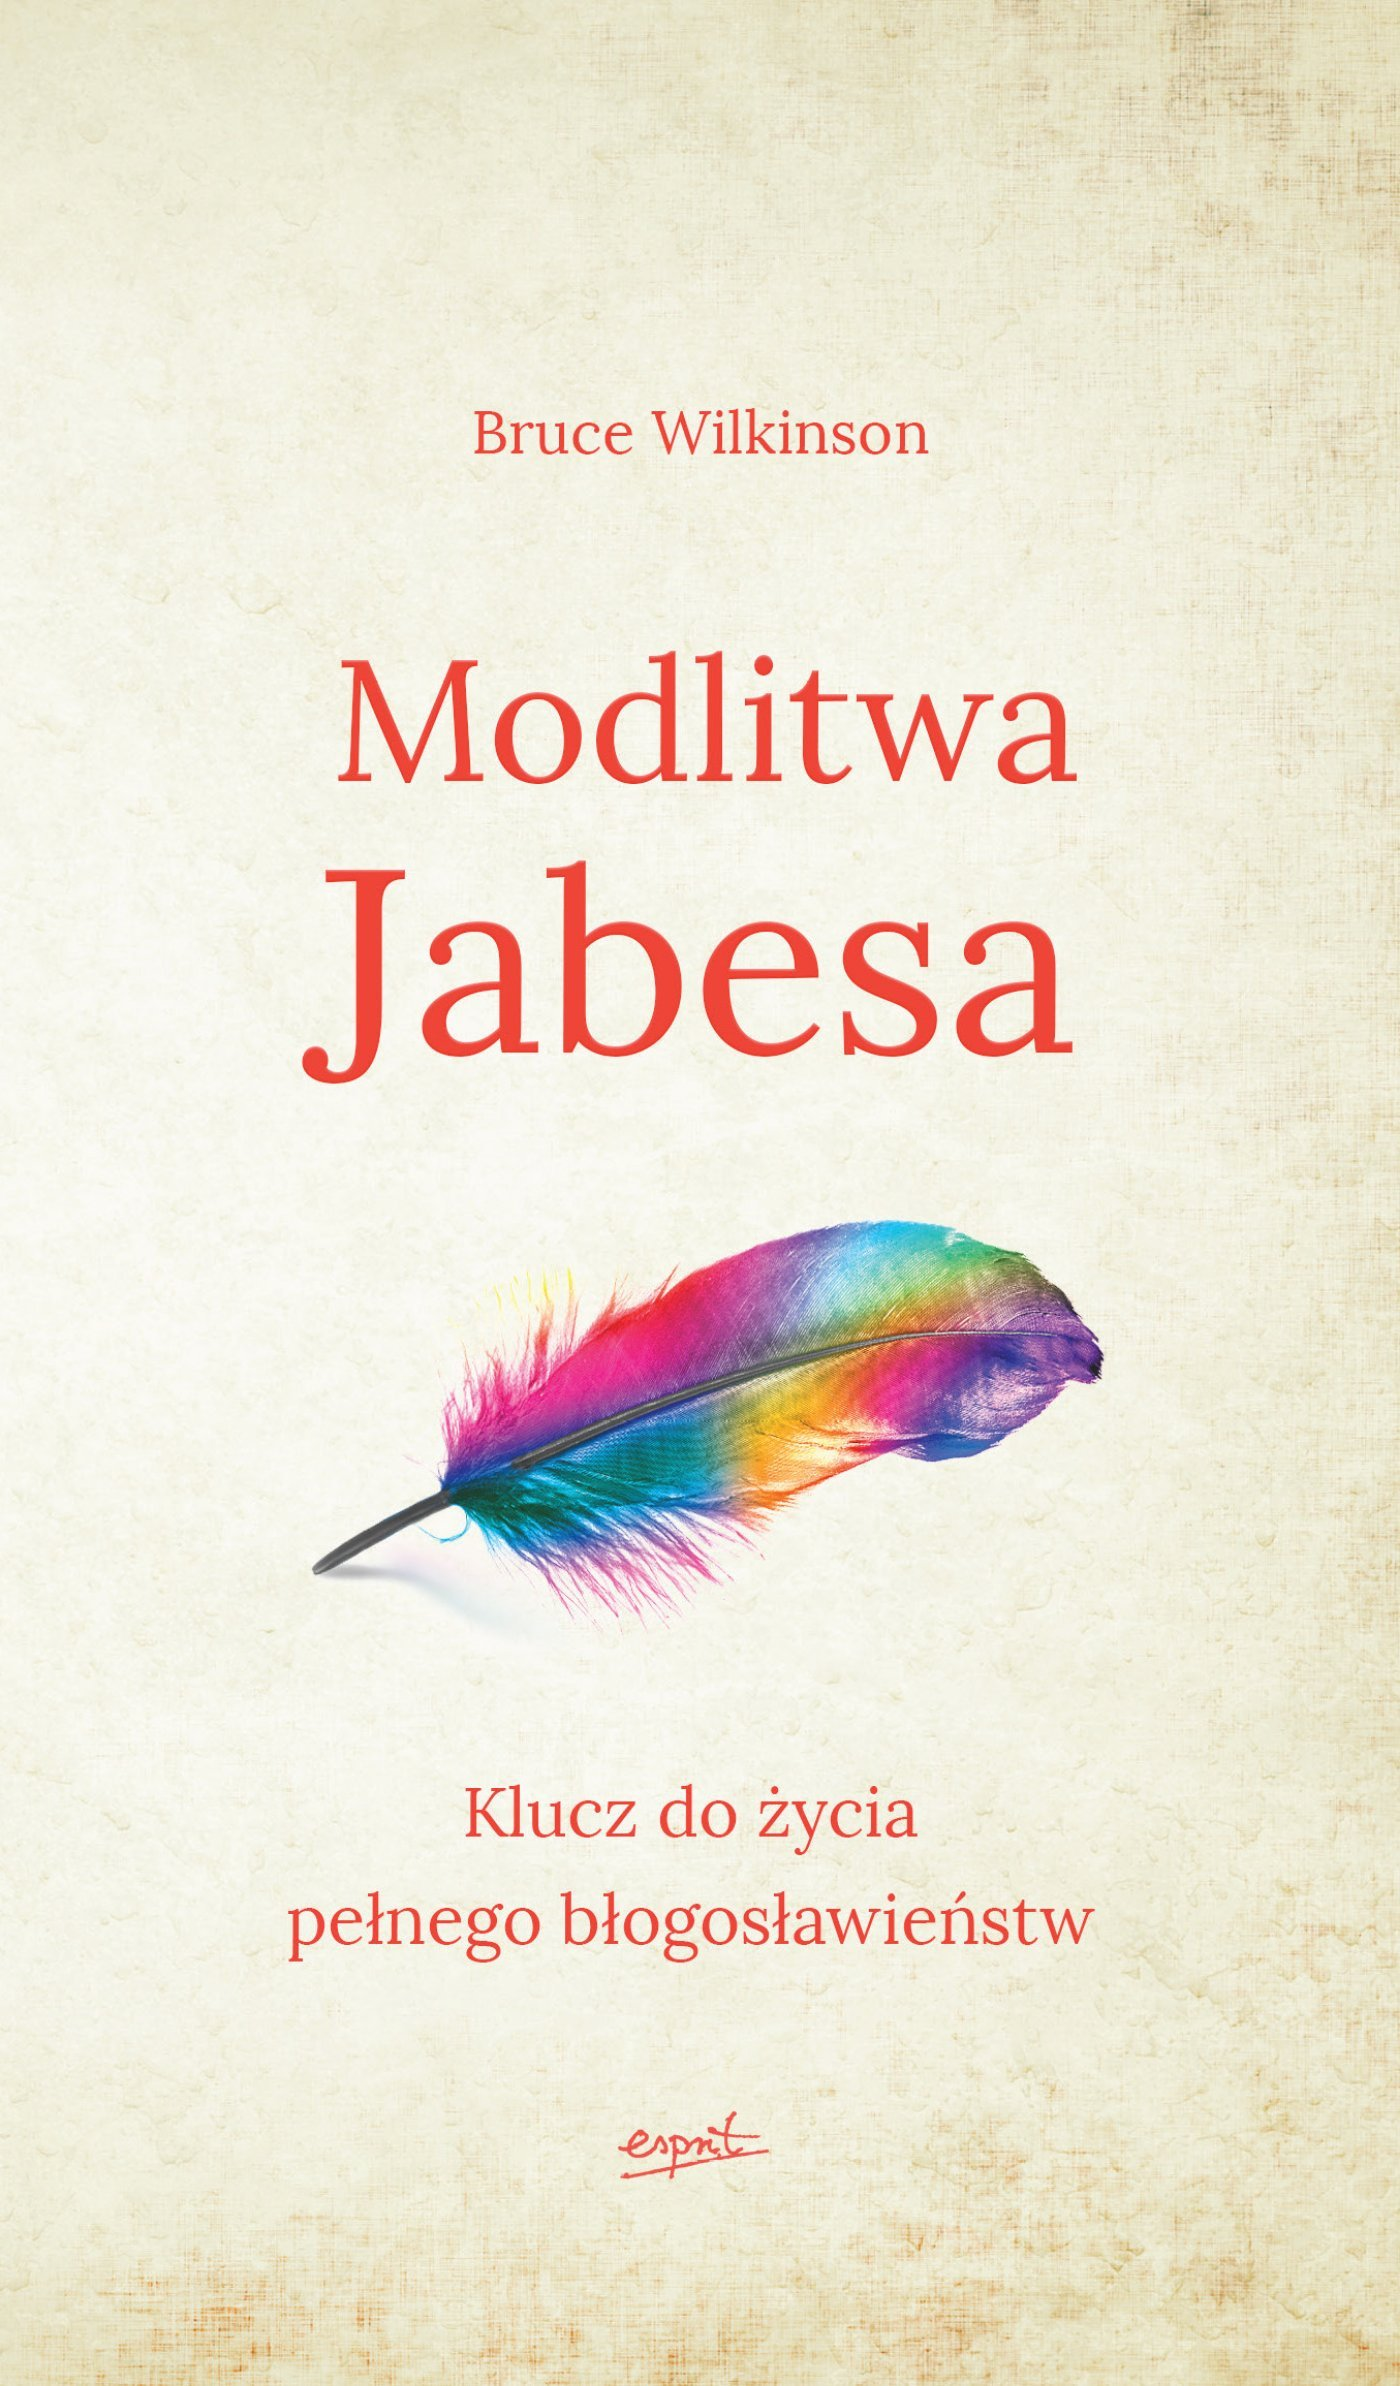 Modlitwa Jabesa - Ebook (Książka na Kindle) do pobrania w formacie MOBI